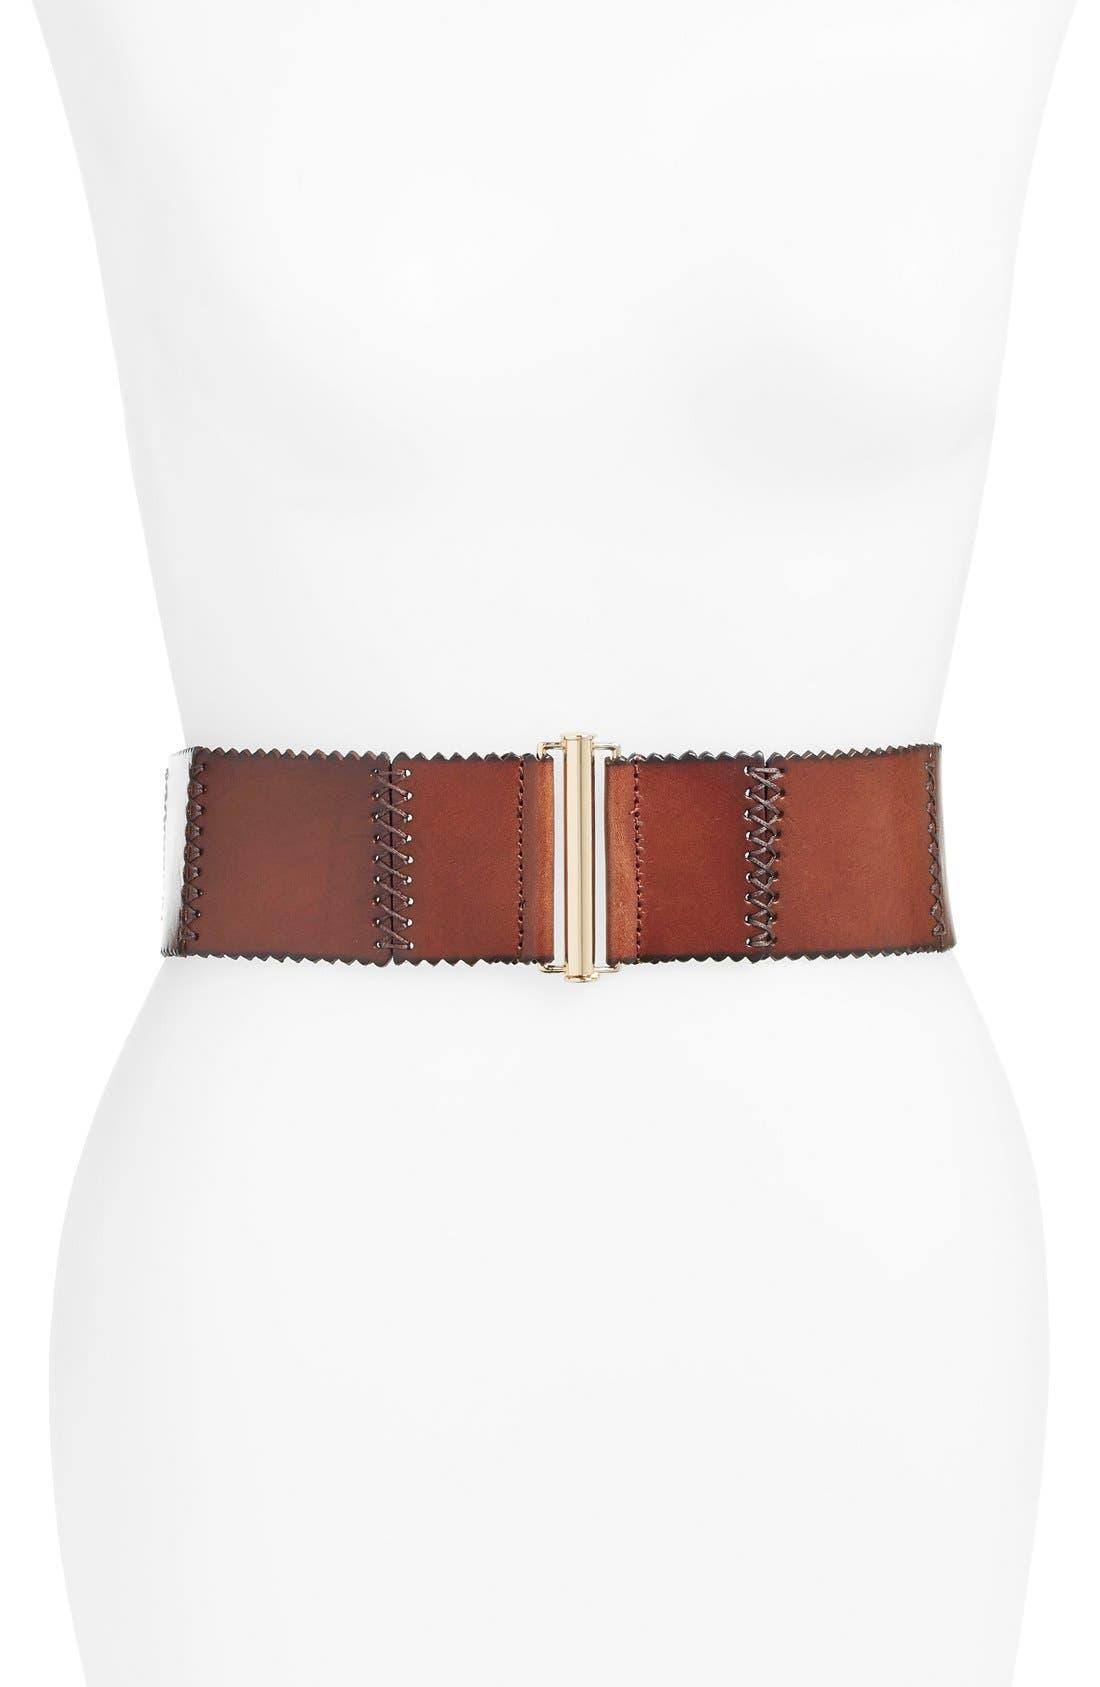 Alternate Image 1 Selected - Elise M. 'Woodland' Stitched Leather Belt